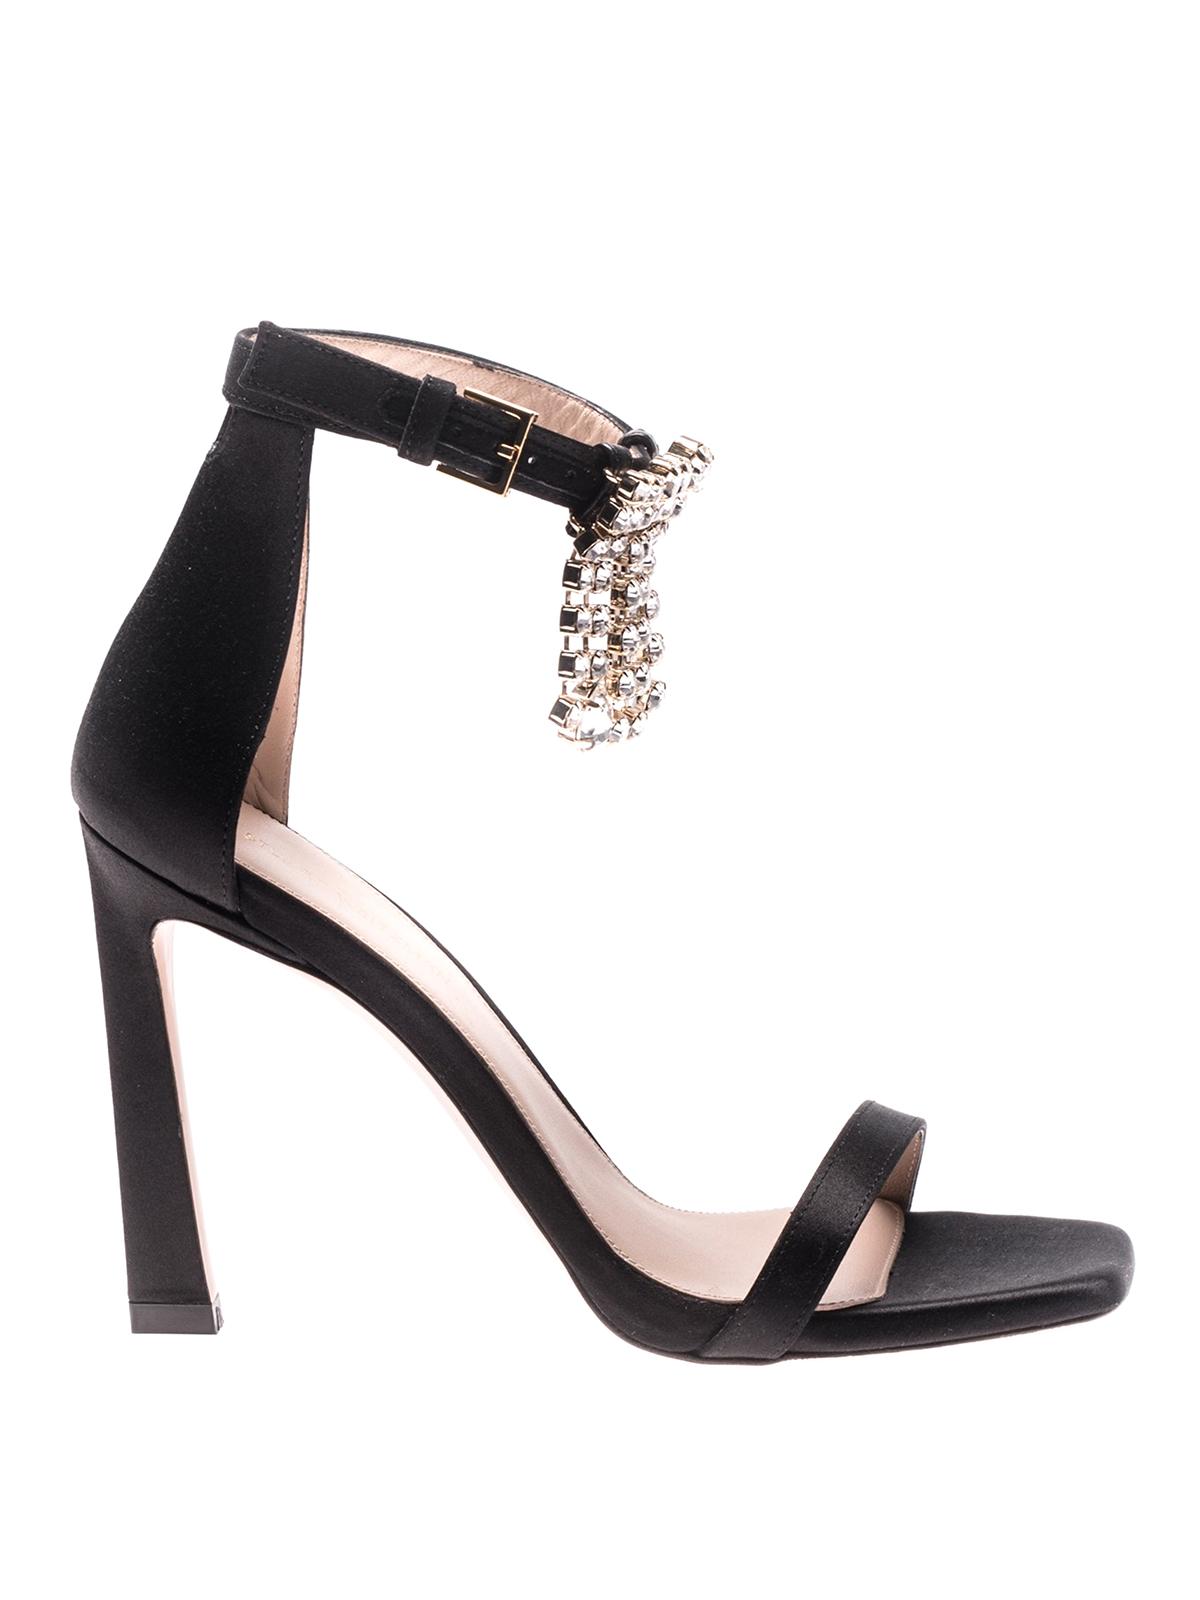 12bc83493b2a9 Stuart Weitzman - Nudist silk satin fringed sandals - sandals ...